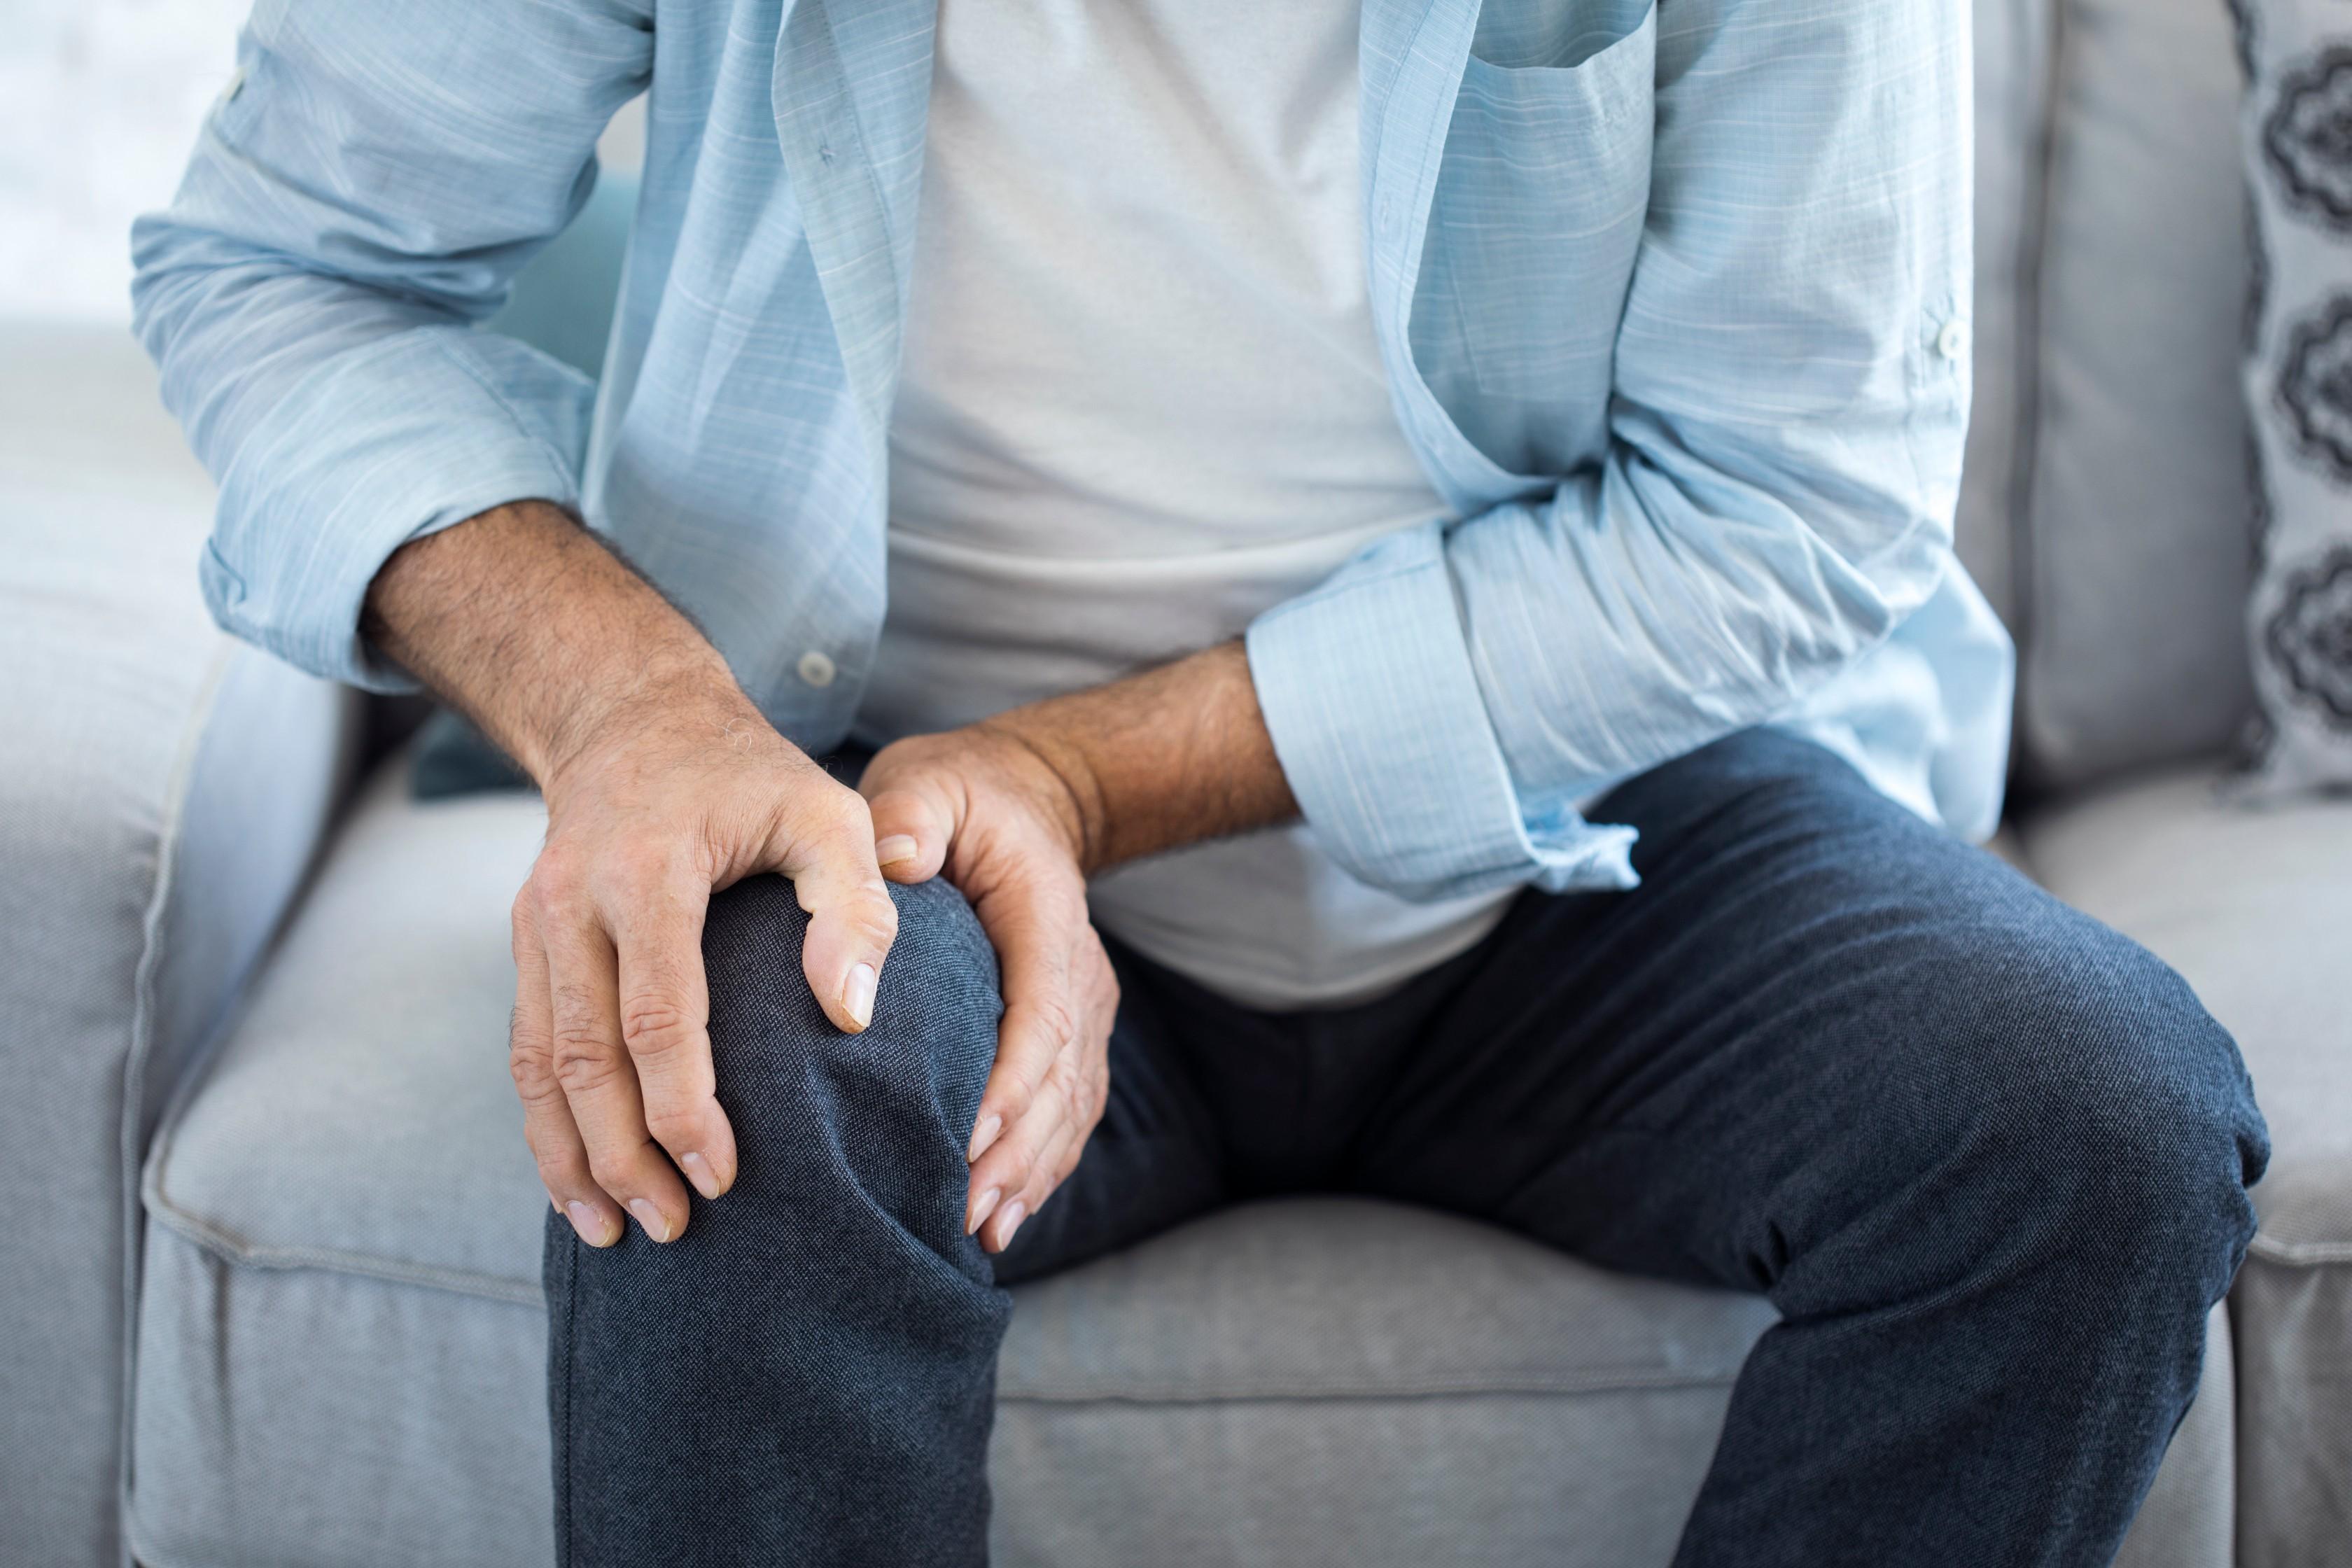 térdízület kezelő eszköz ízületi gyulladása a vállízület nagyon hosszú ideig fáj